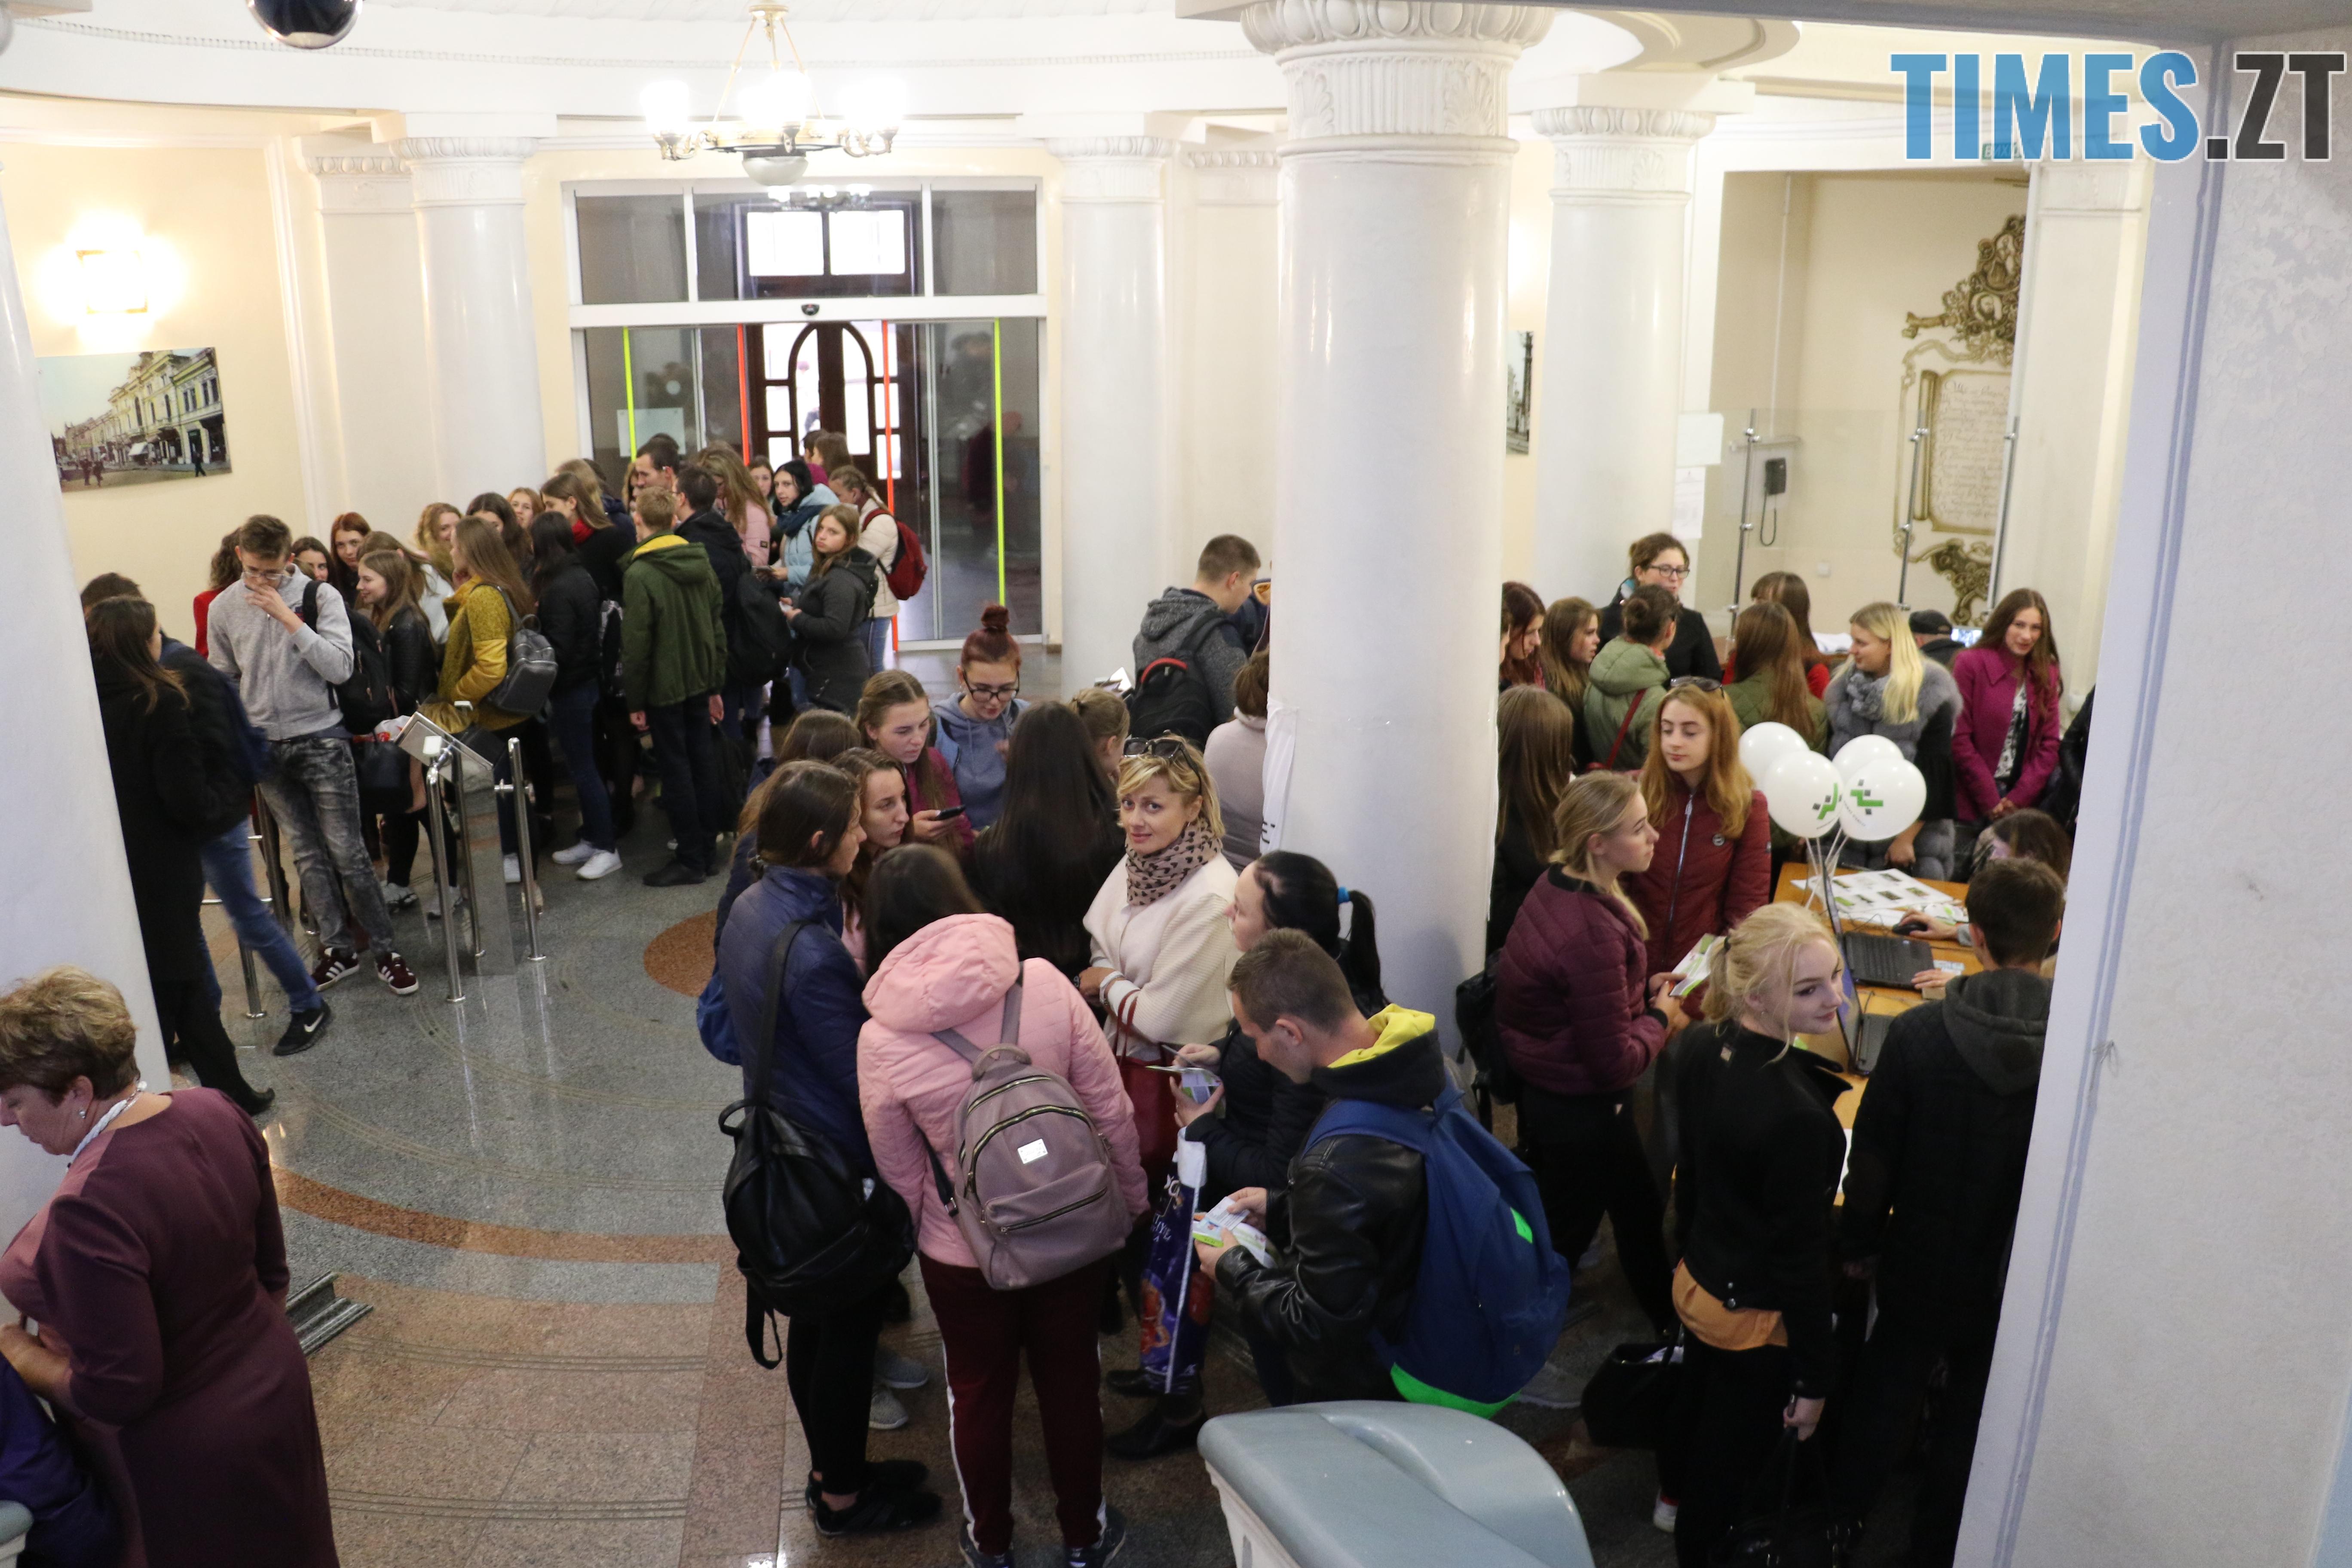 img1538572325 3 - Махінації на «Бюджеті участі»: у міській раді підозрюють, що студентів примусили голосувати за певні проекти (ФОТО)